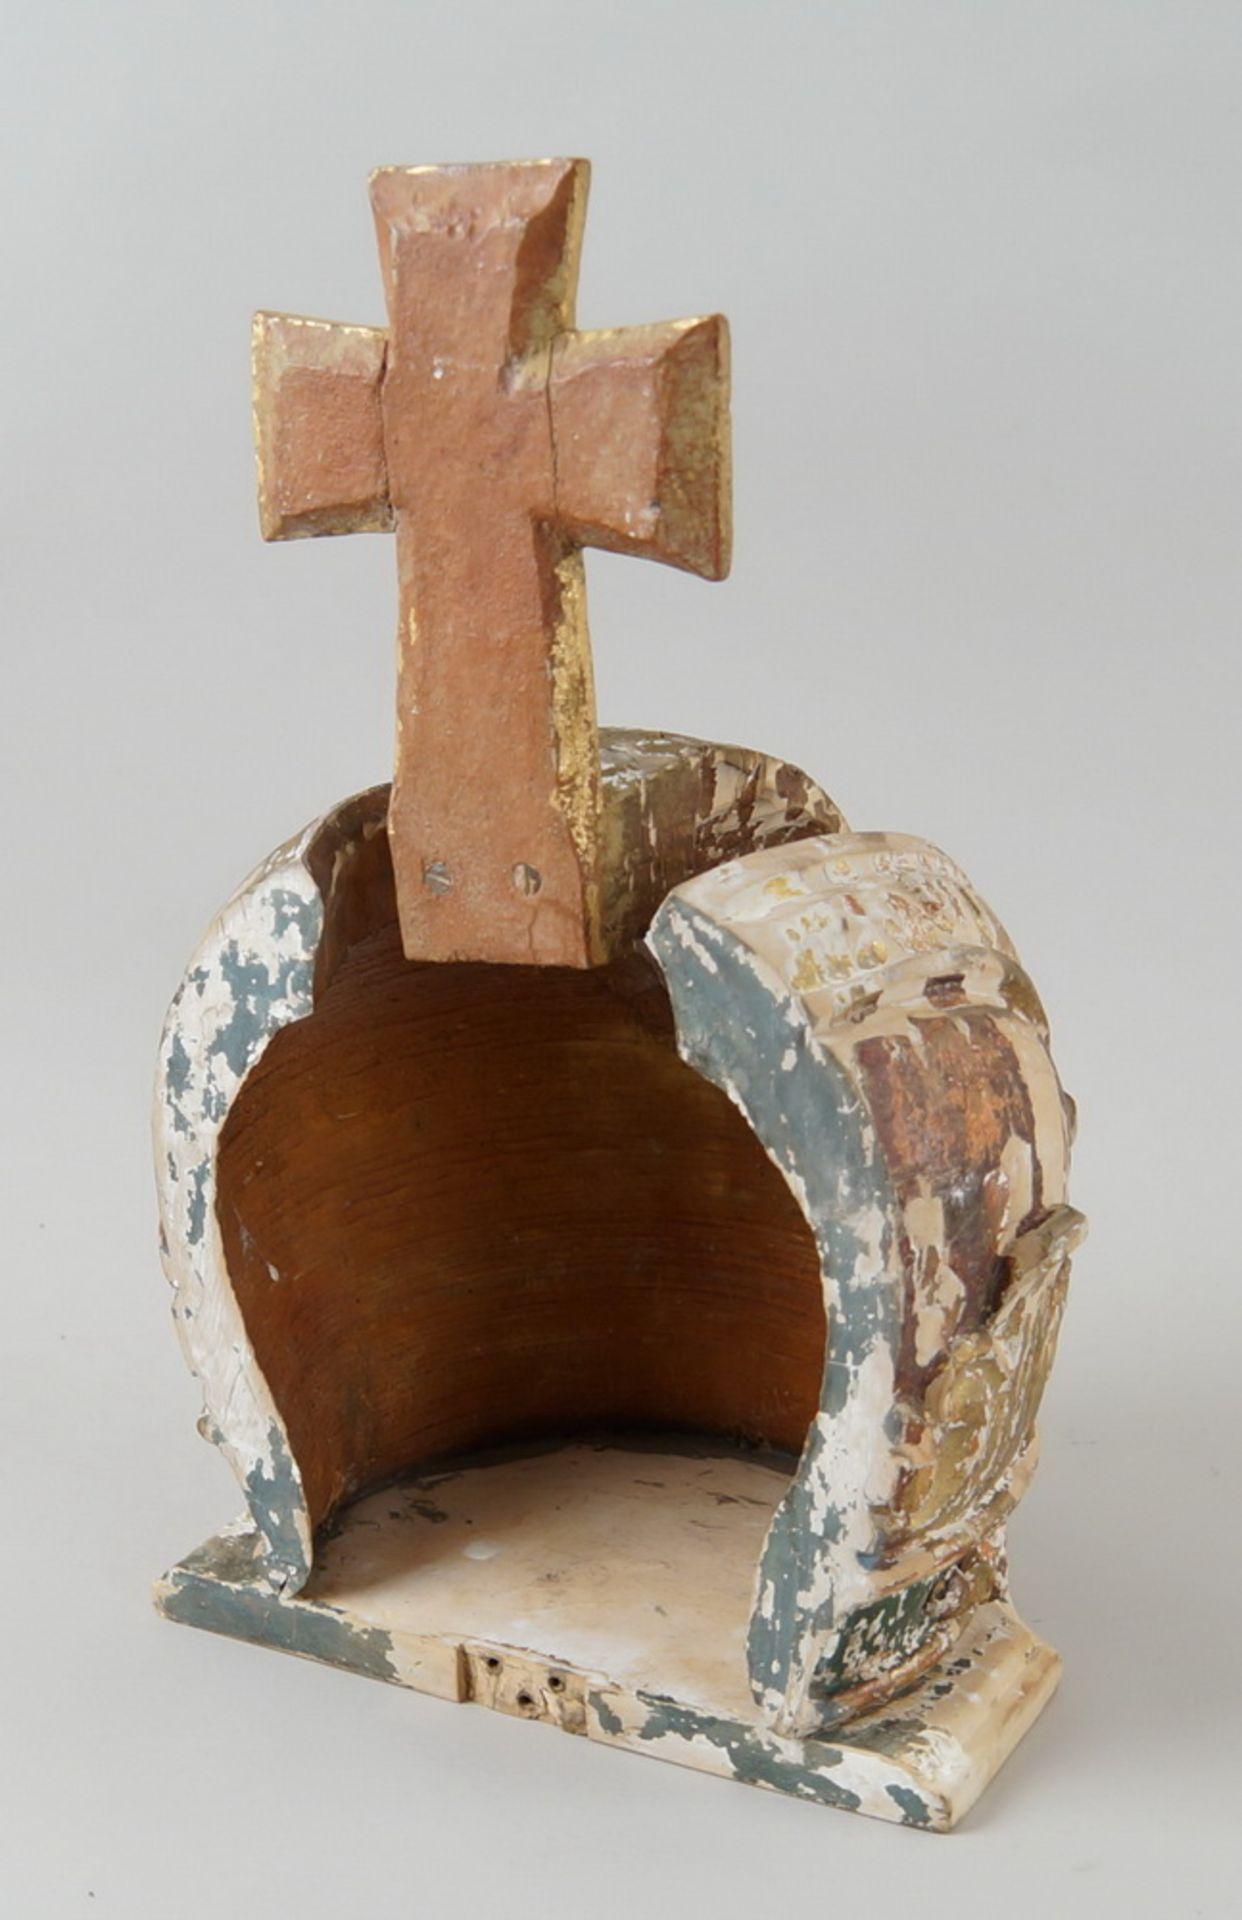 Prunkvolle Krone, Holz geschnitzt und gefasst/vergoldet, Fassung altersbedingt beschädigt,18. JH, - Bild 5 aus 6